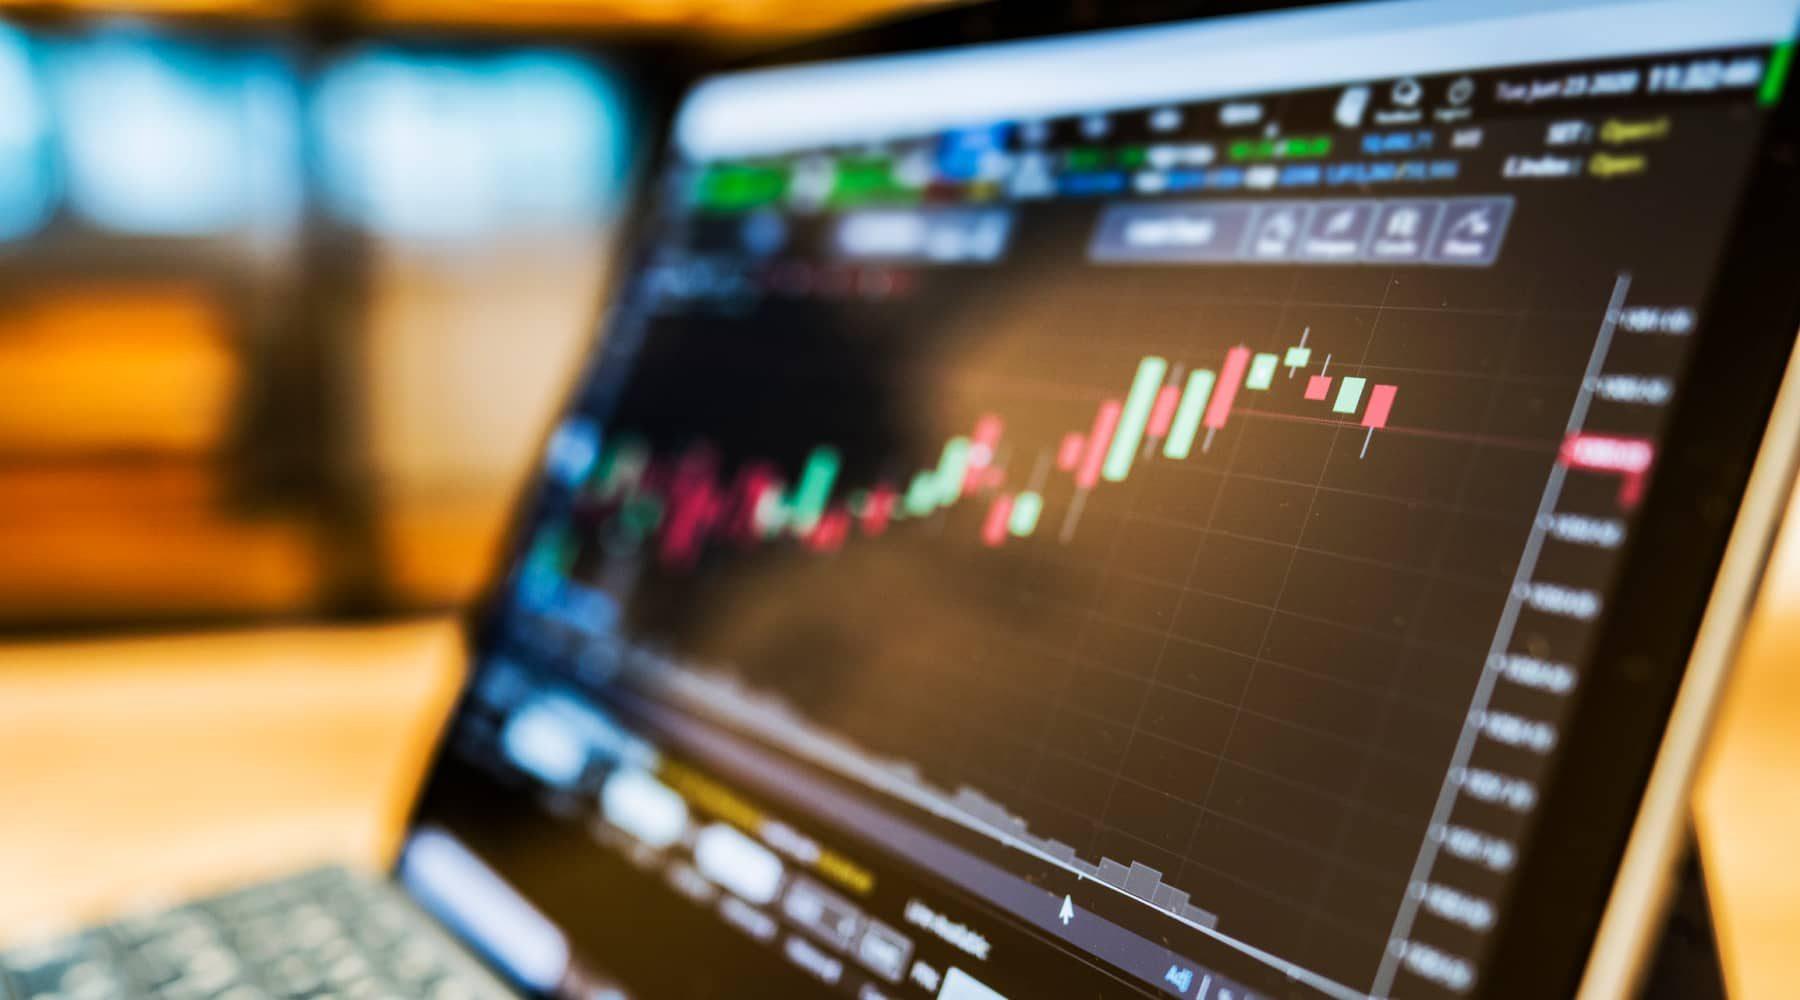 Today's top US stocks: Athene Holding (ATH ↑8.6%), Apollo Global Management (APO ↑8.5%)